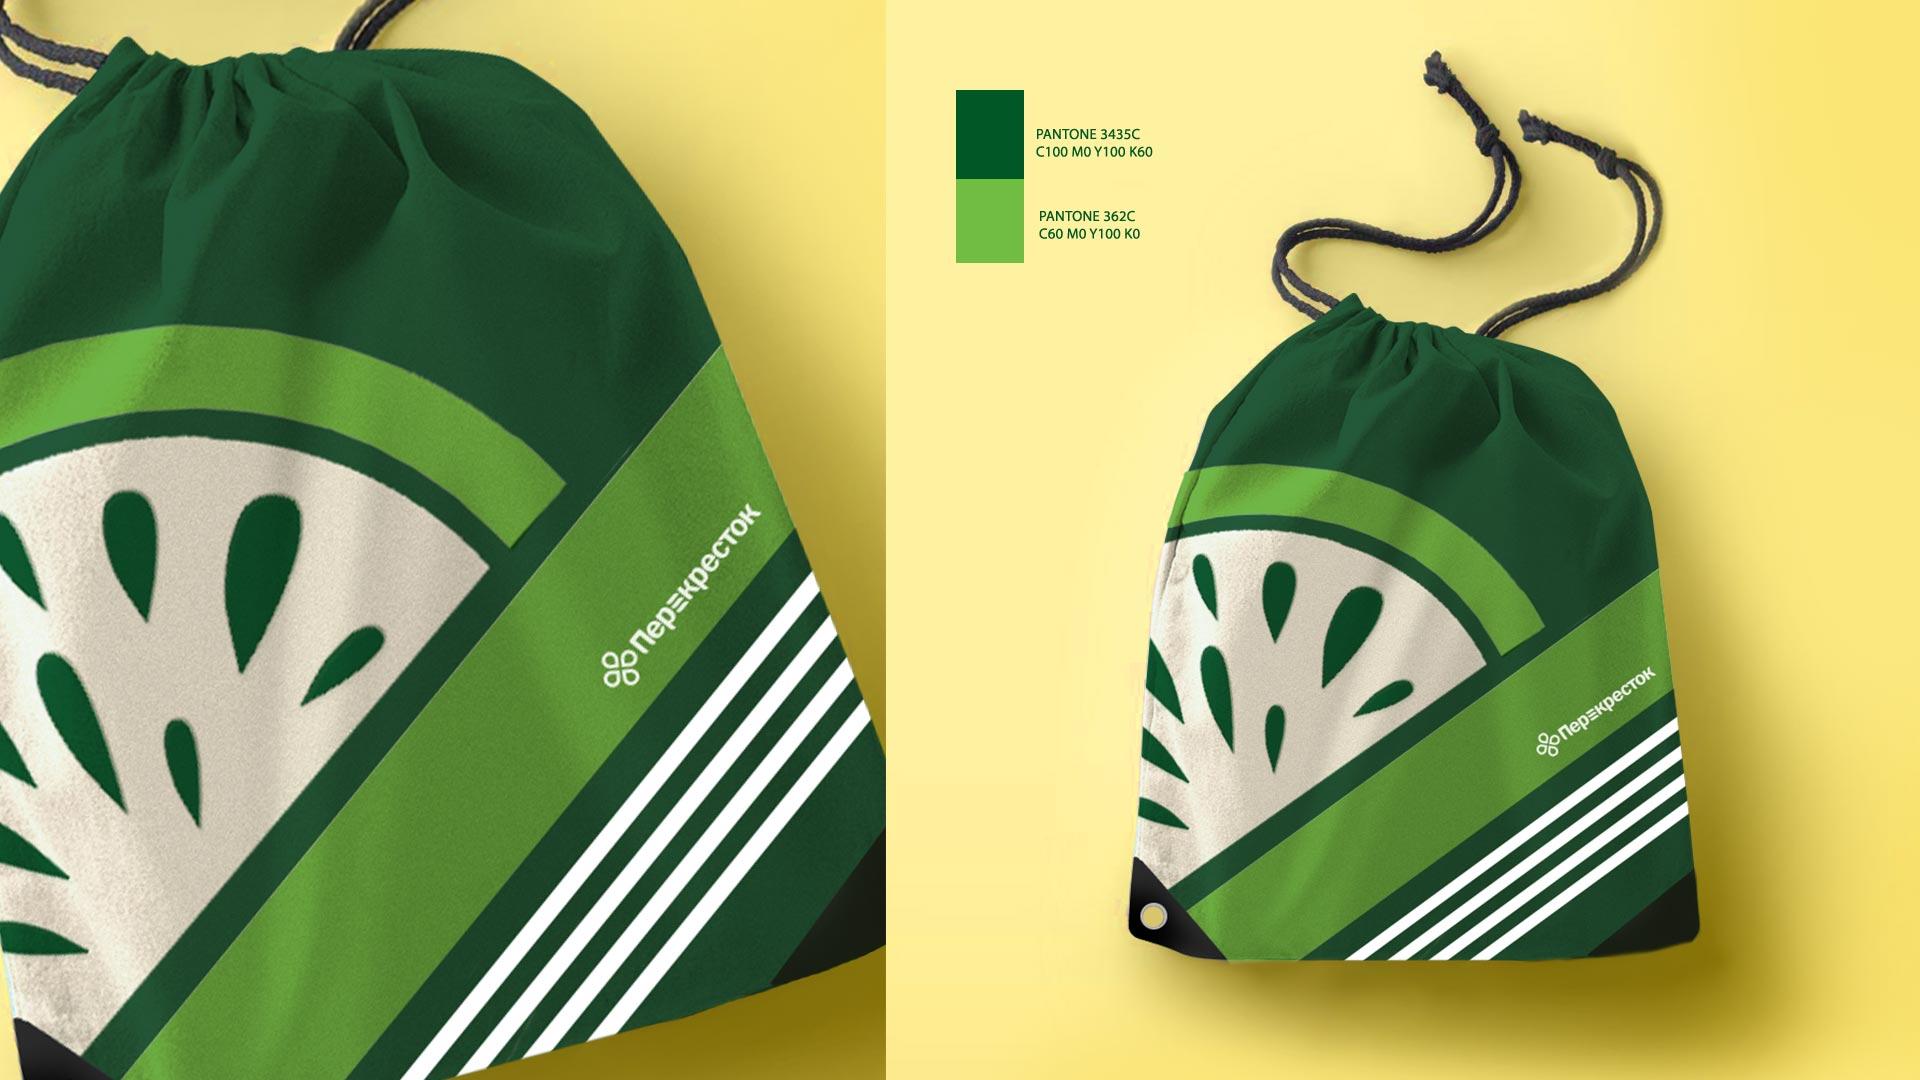 Дизайн одежды и сувенирной продукции «Модный Перекресток»